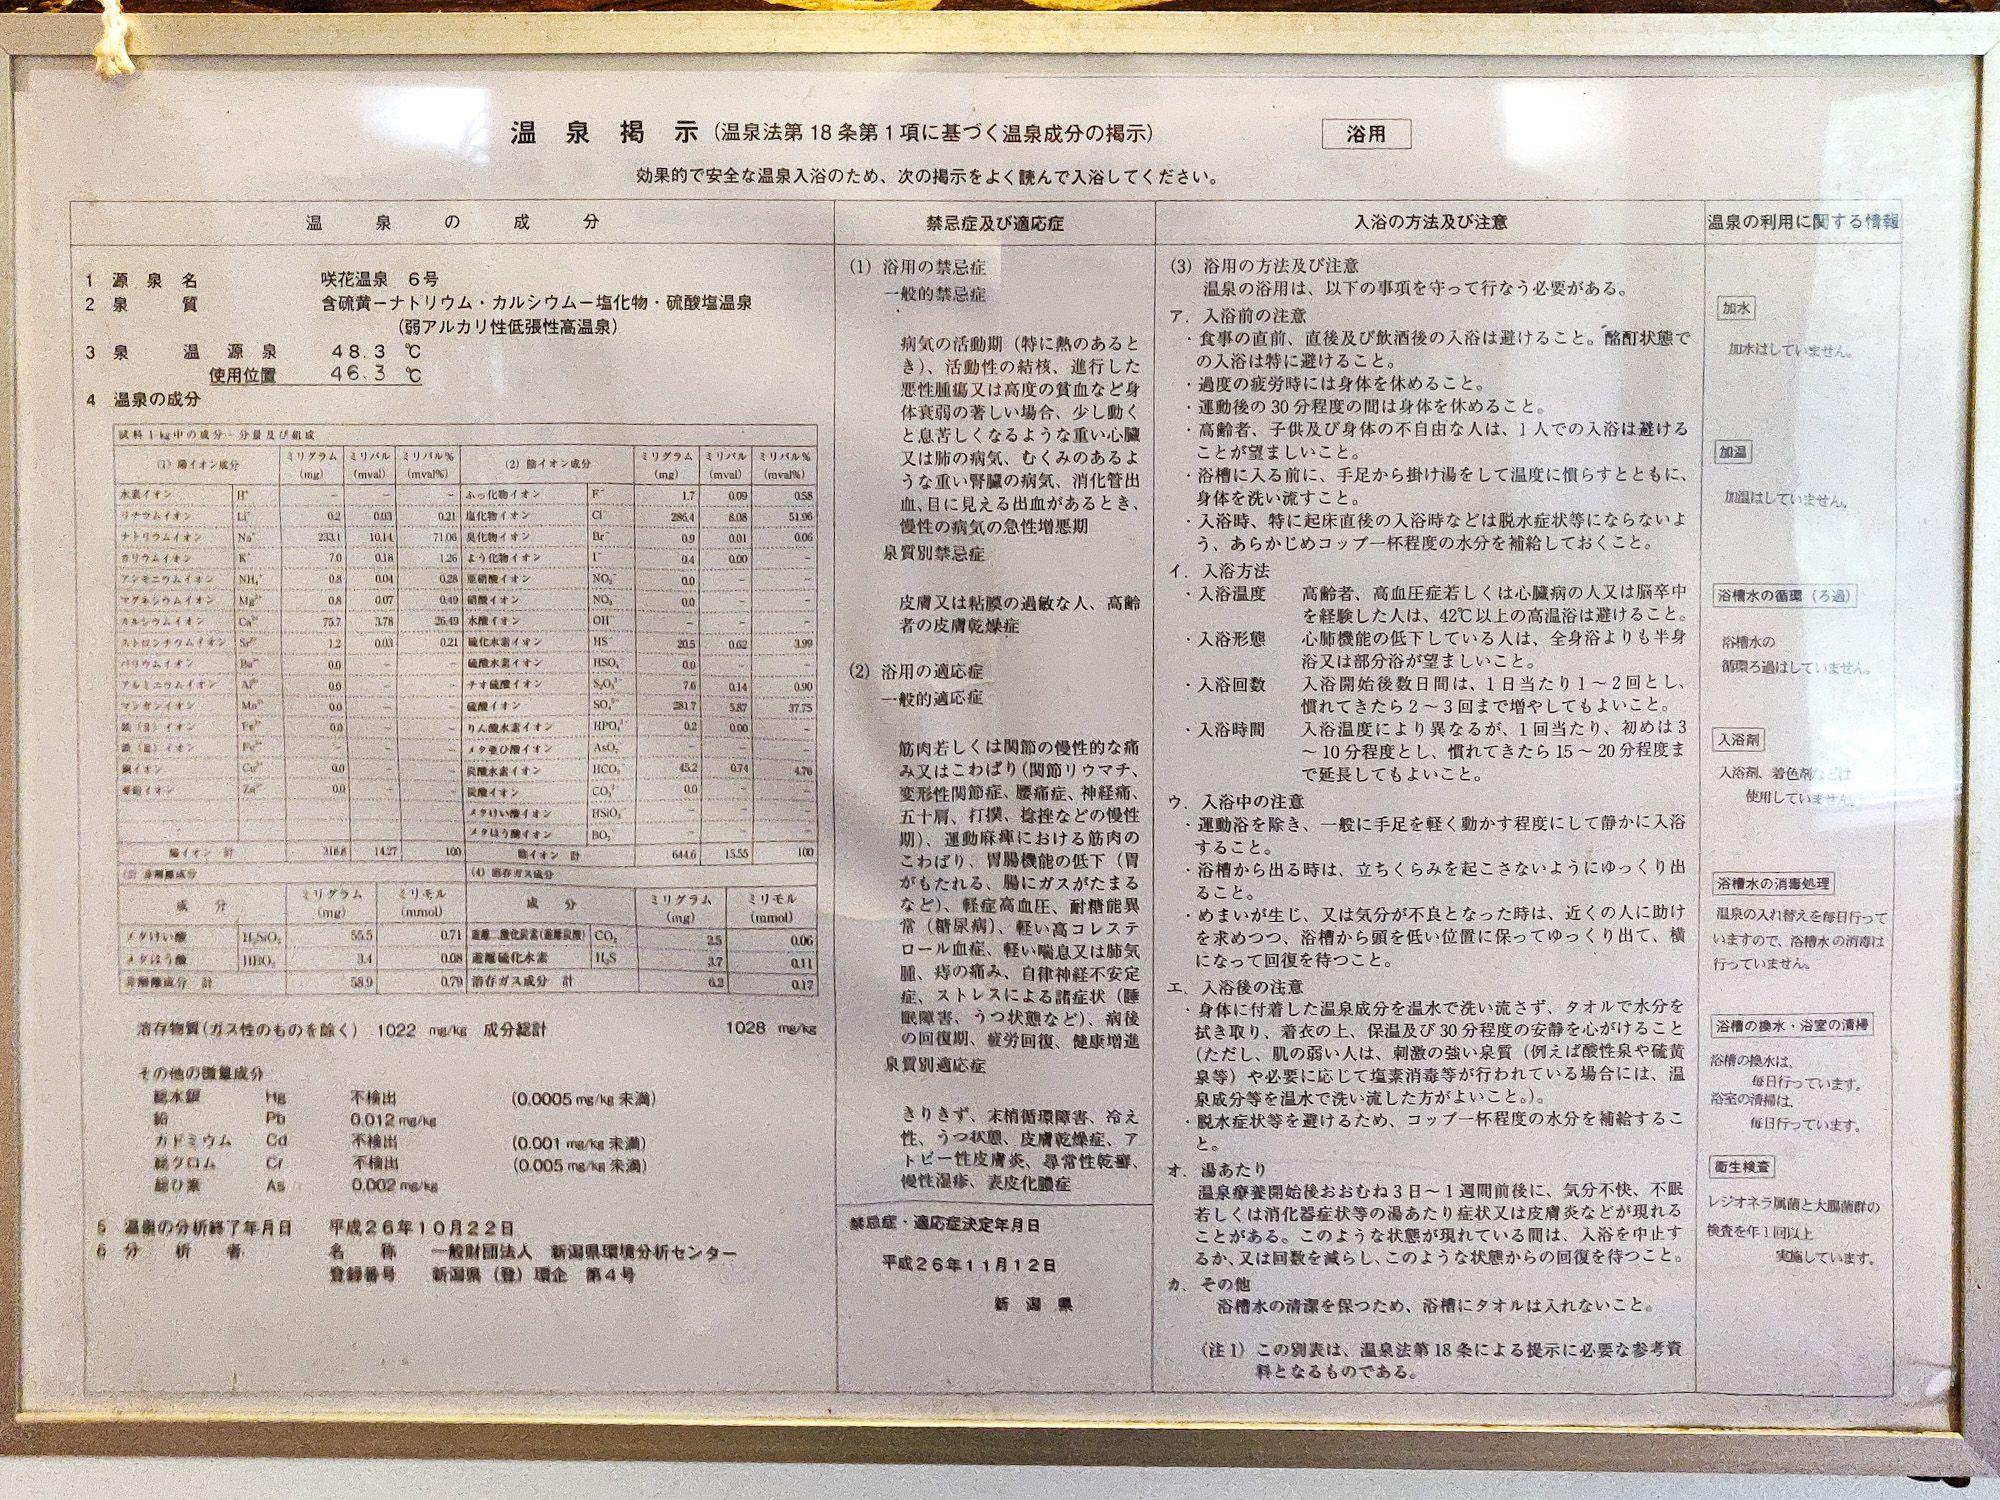 咲花温泉柳水園 温泉分析書拡大